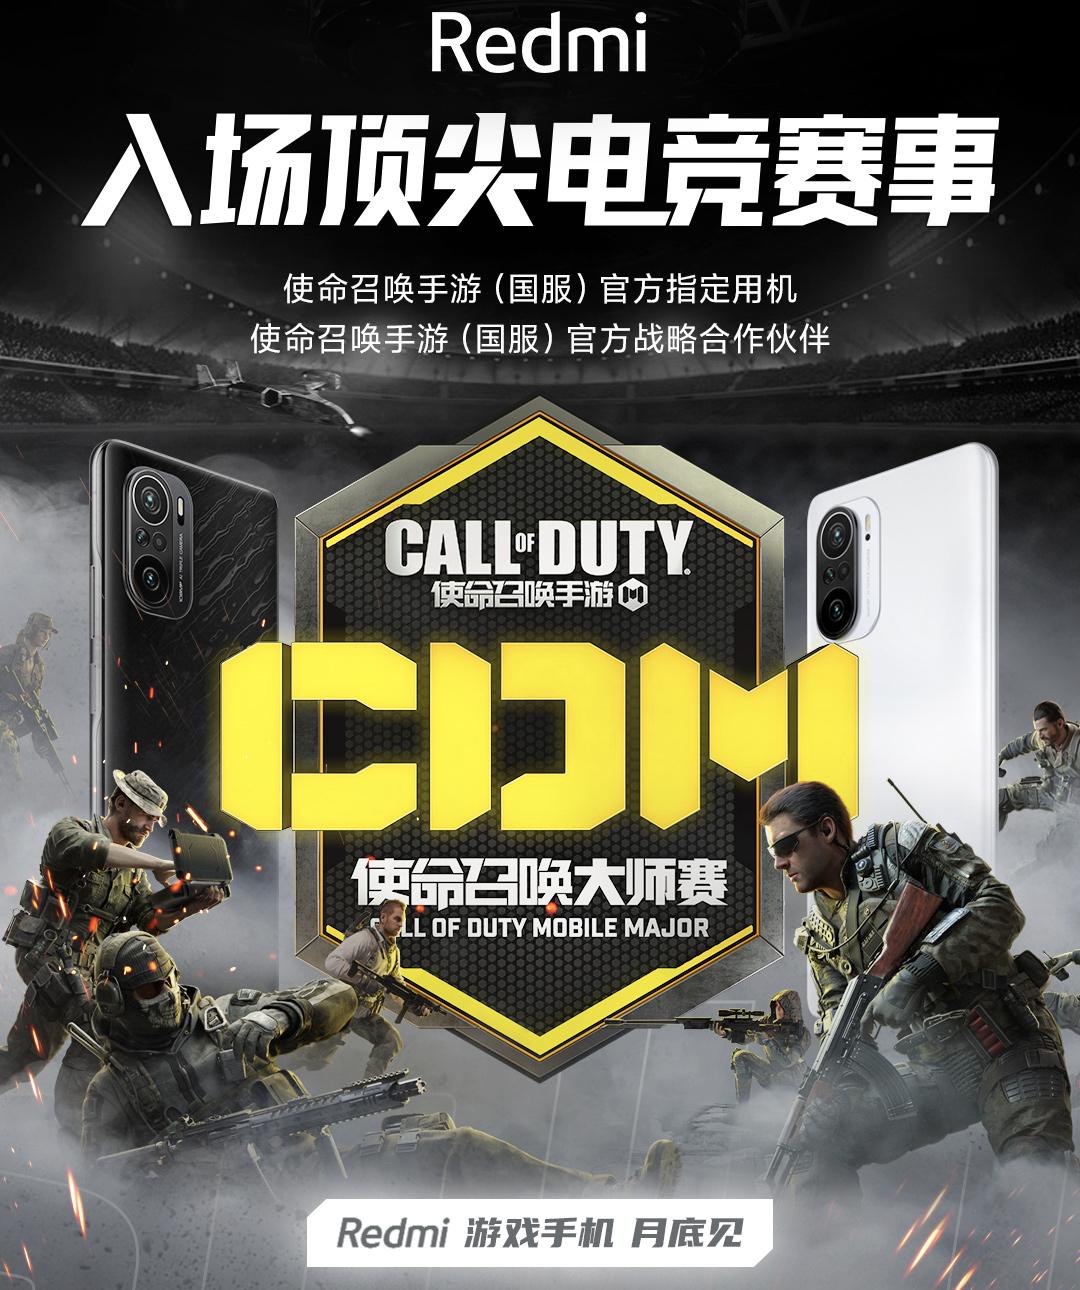 Xiaomi Redmi CoD-Gaming-Smartphone